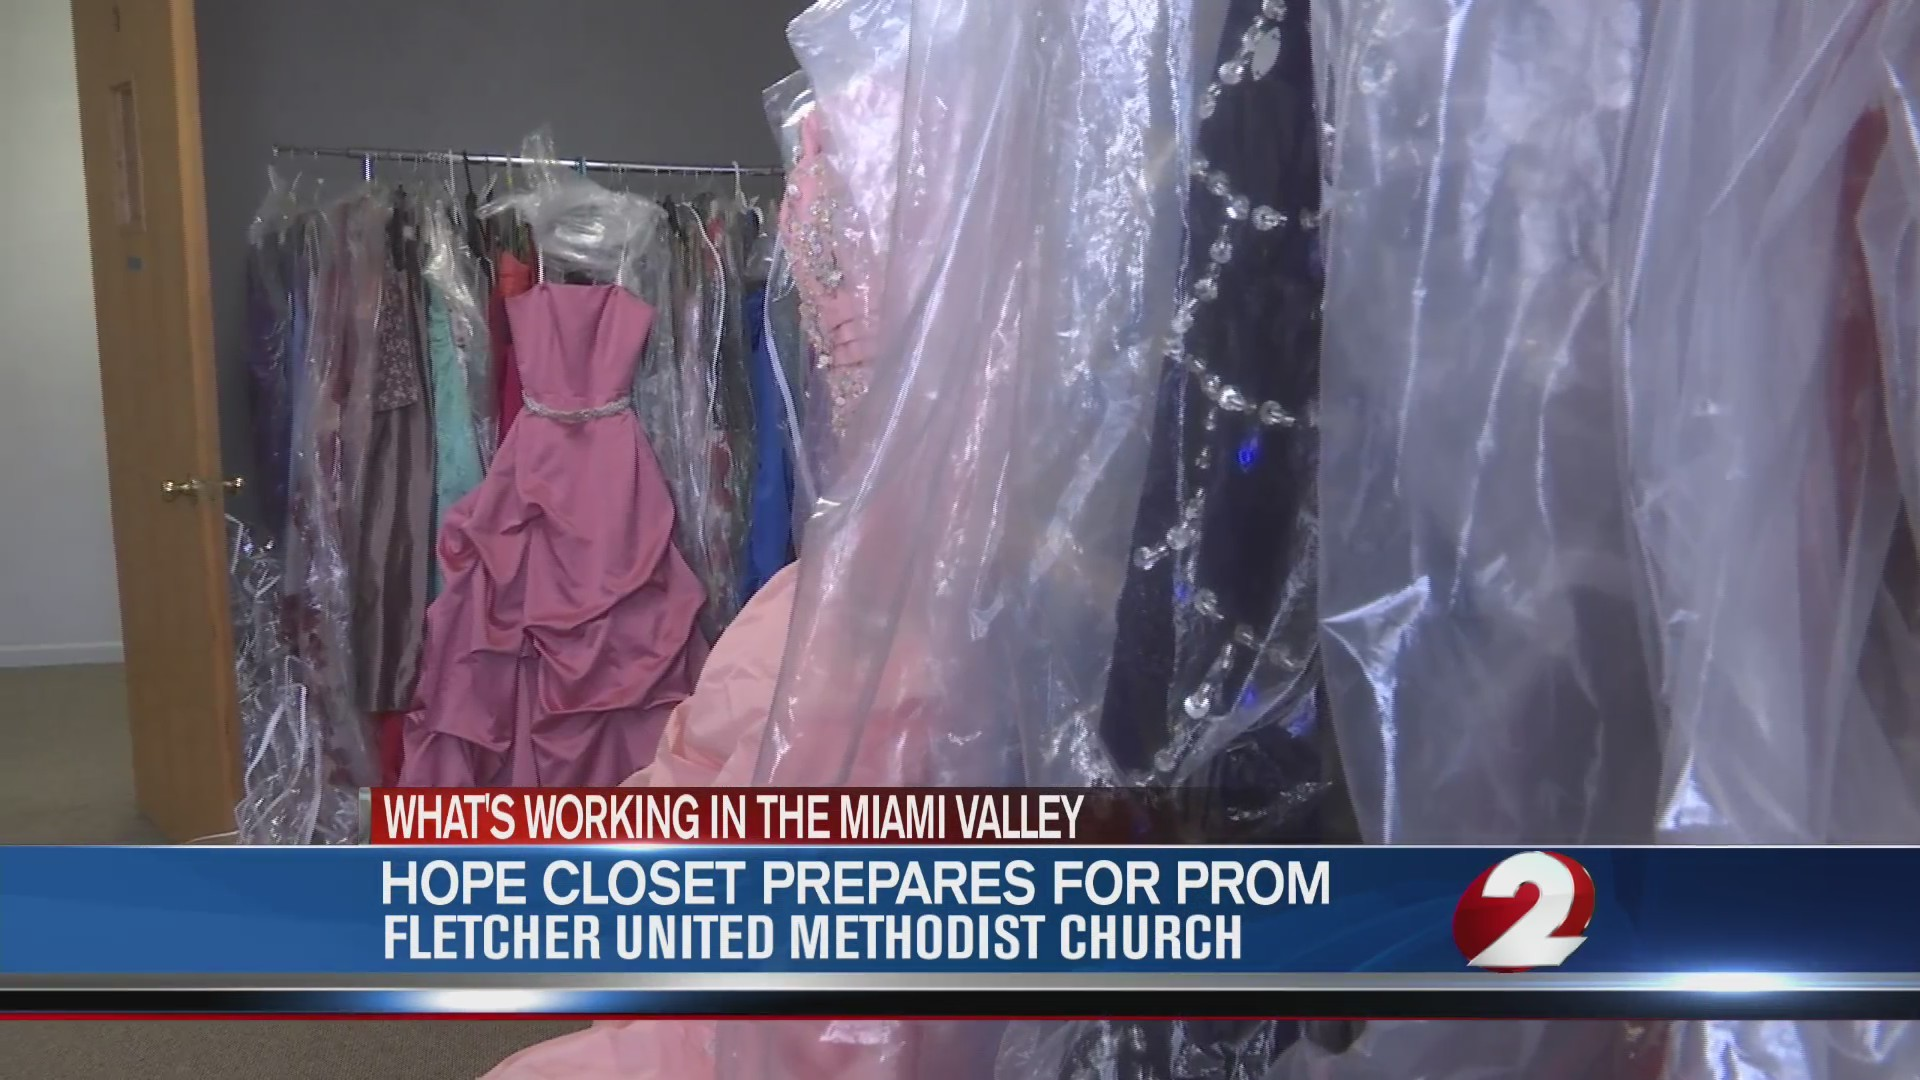 Hope Closet prepares for prom